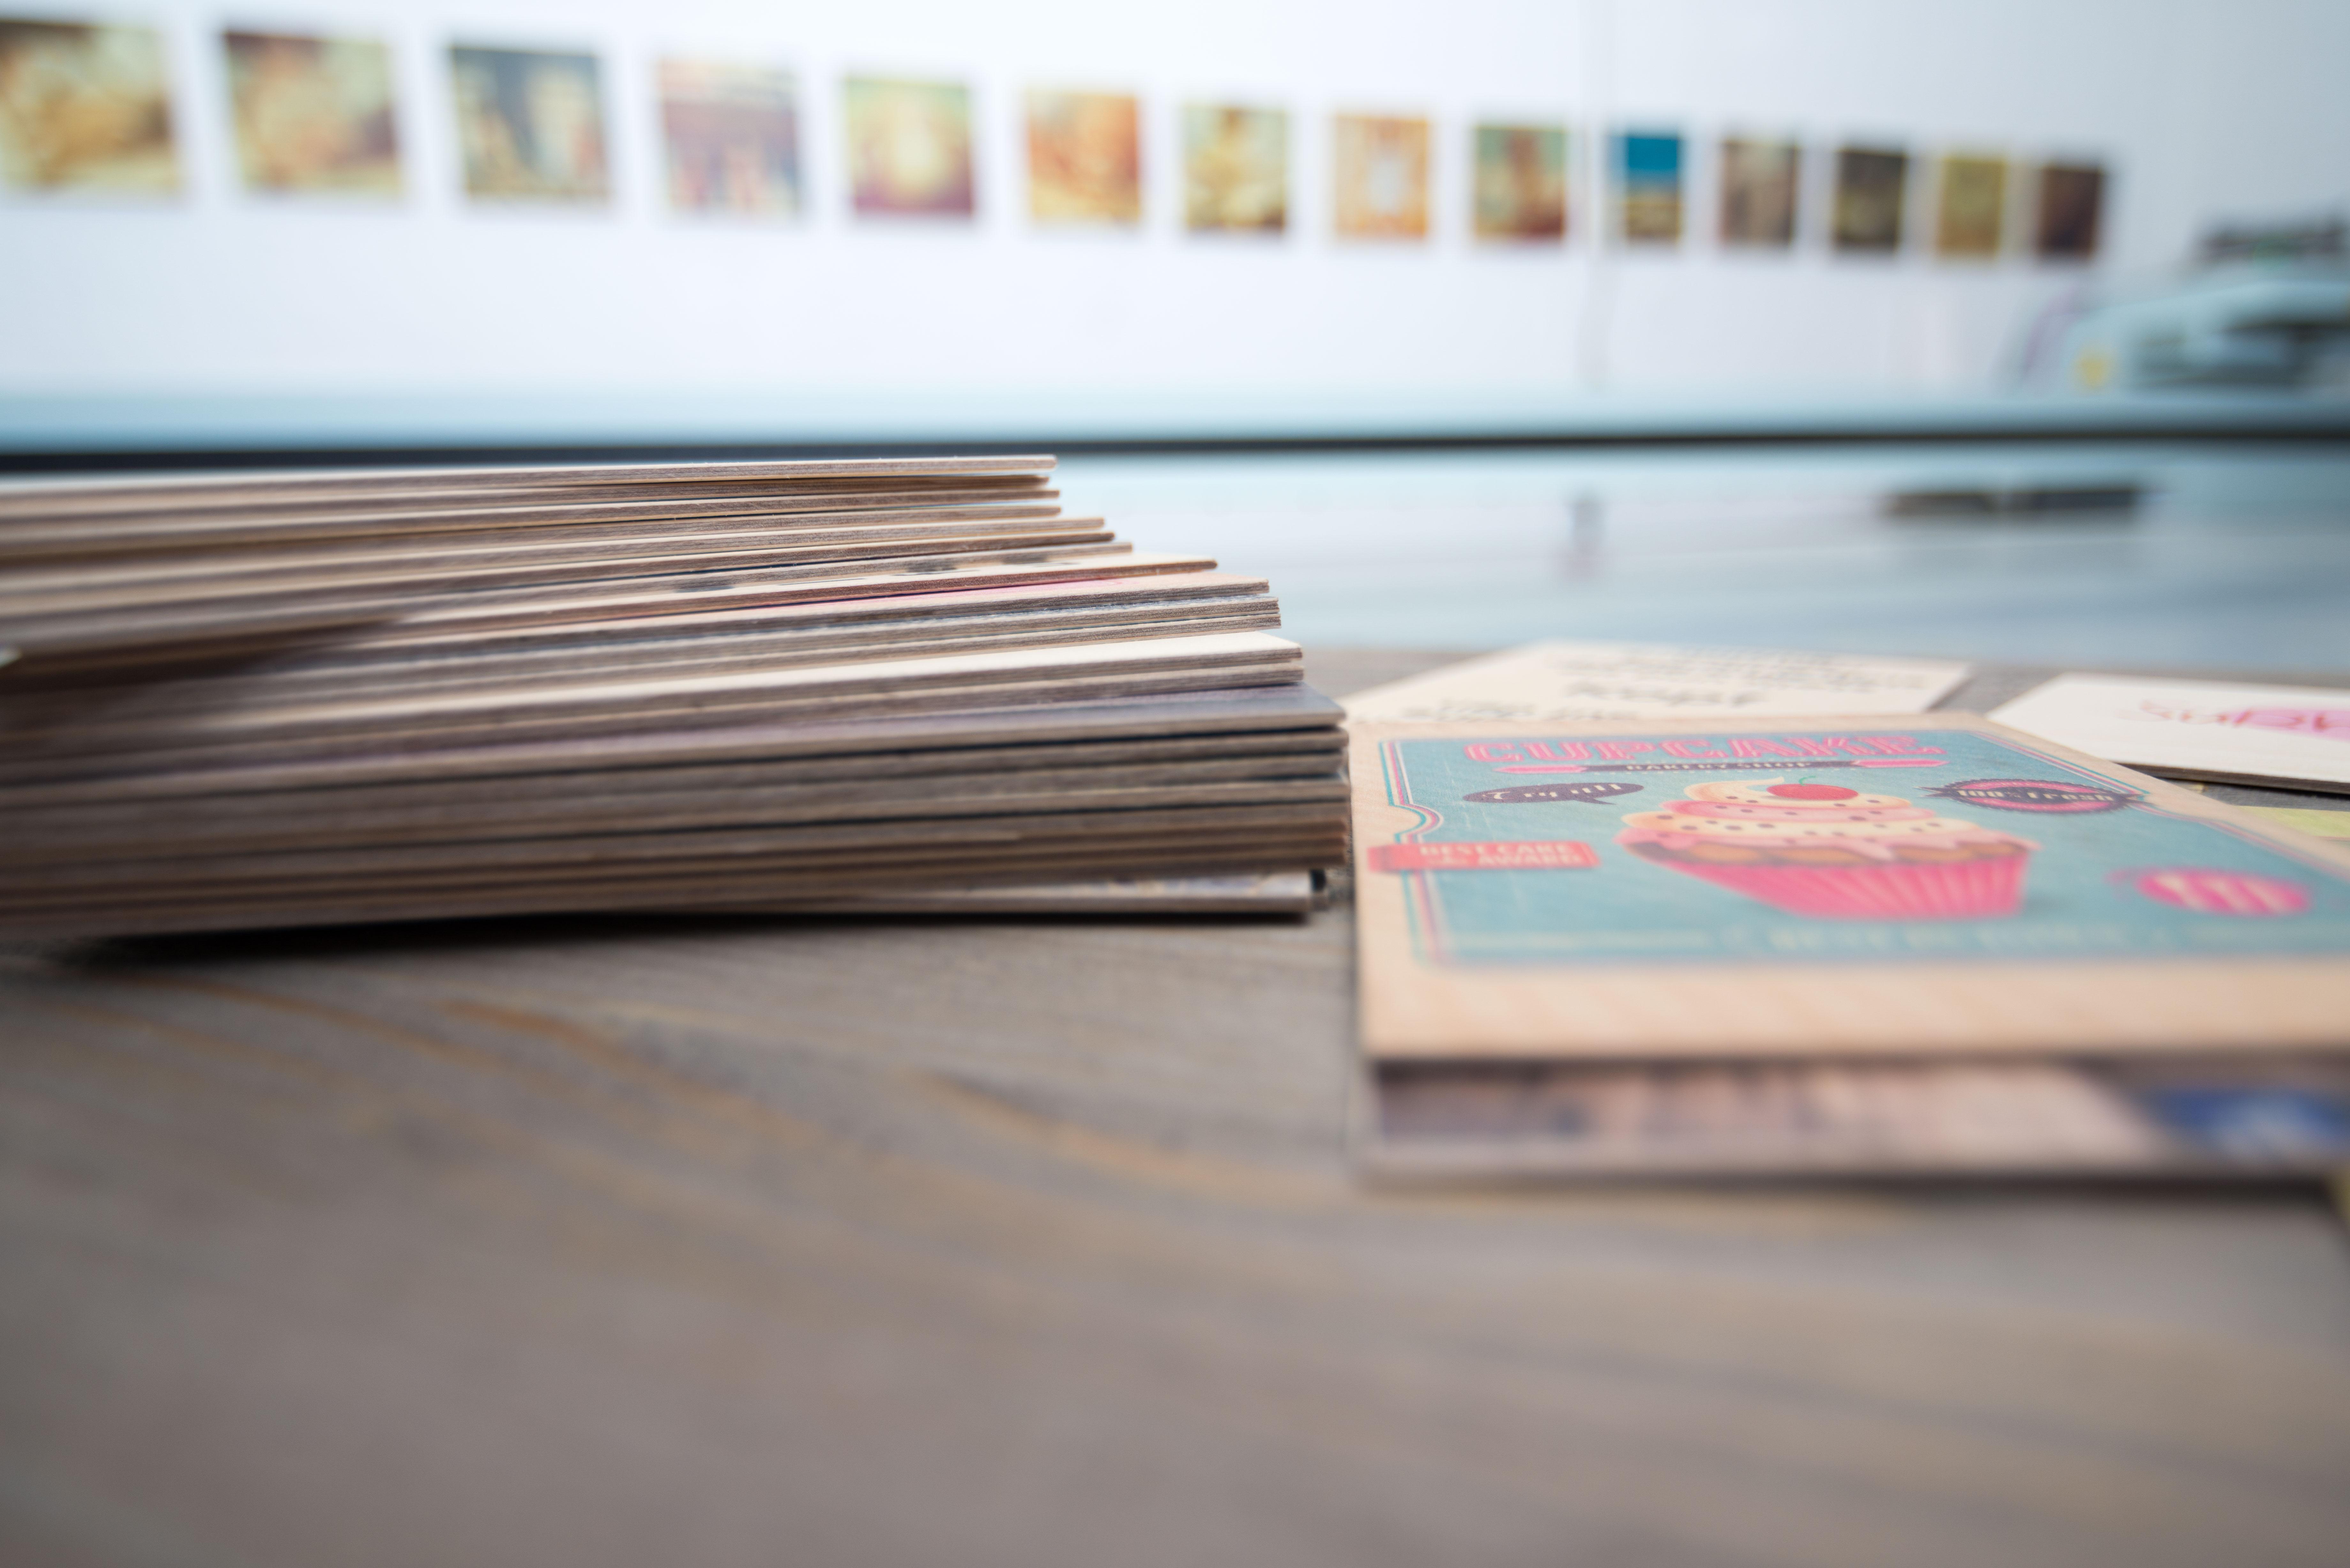 Holzpostkarten farbig bedruckt